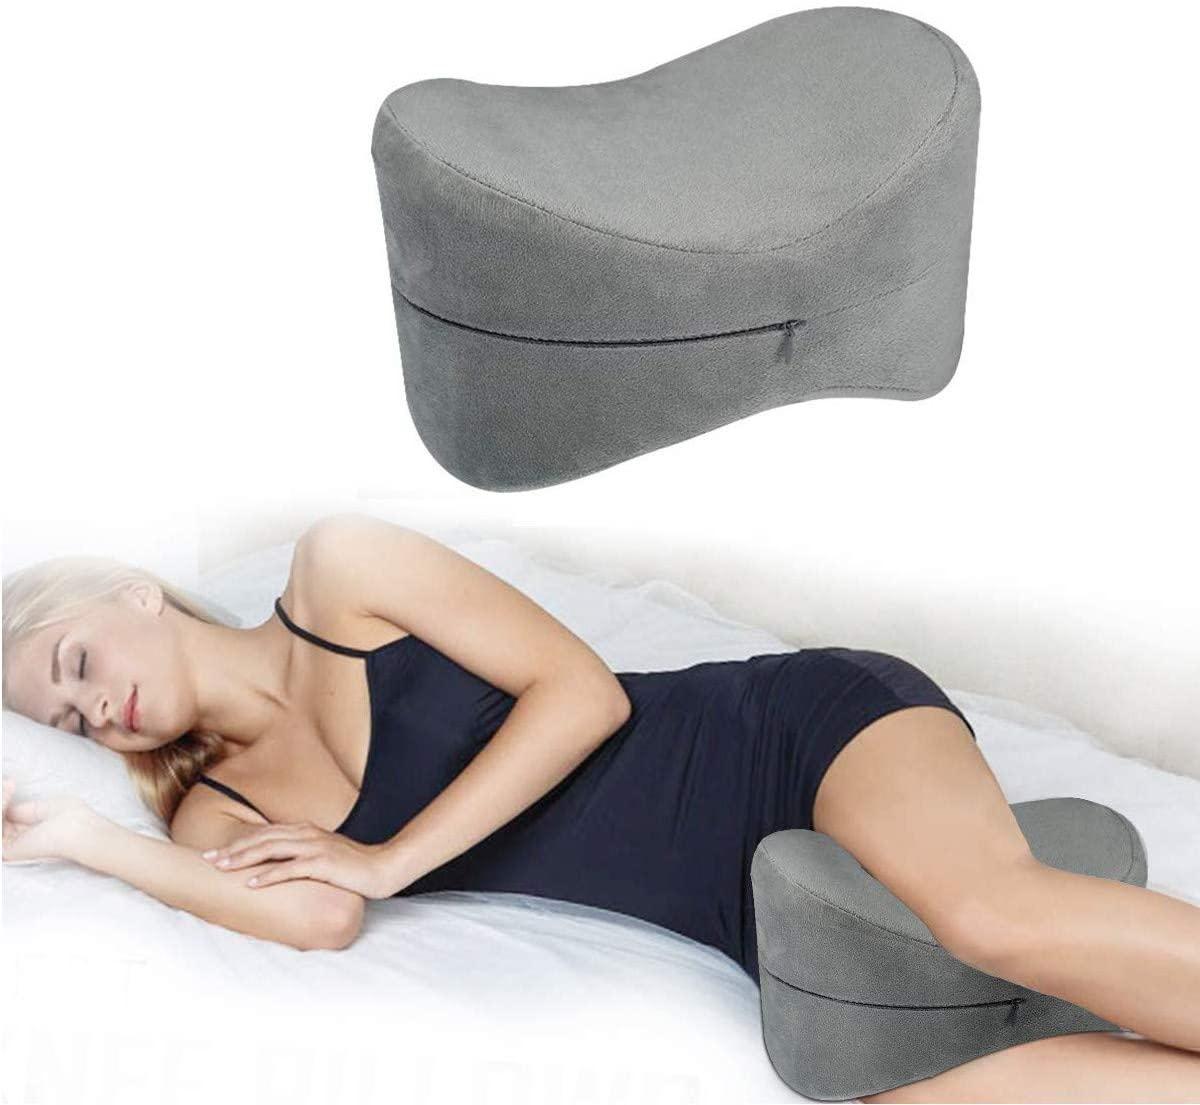 Cojín para rodillas de espuma viscoelástica